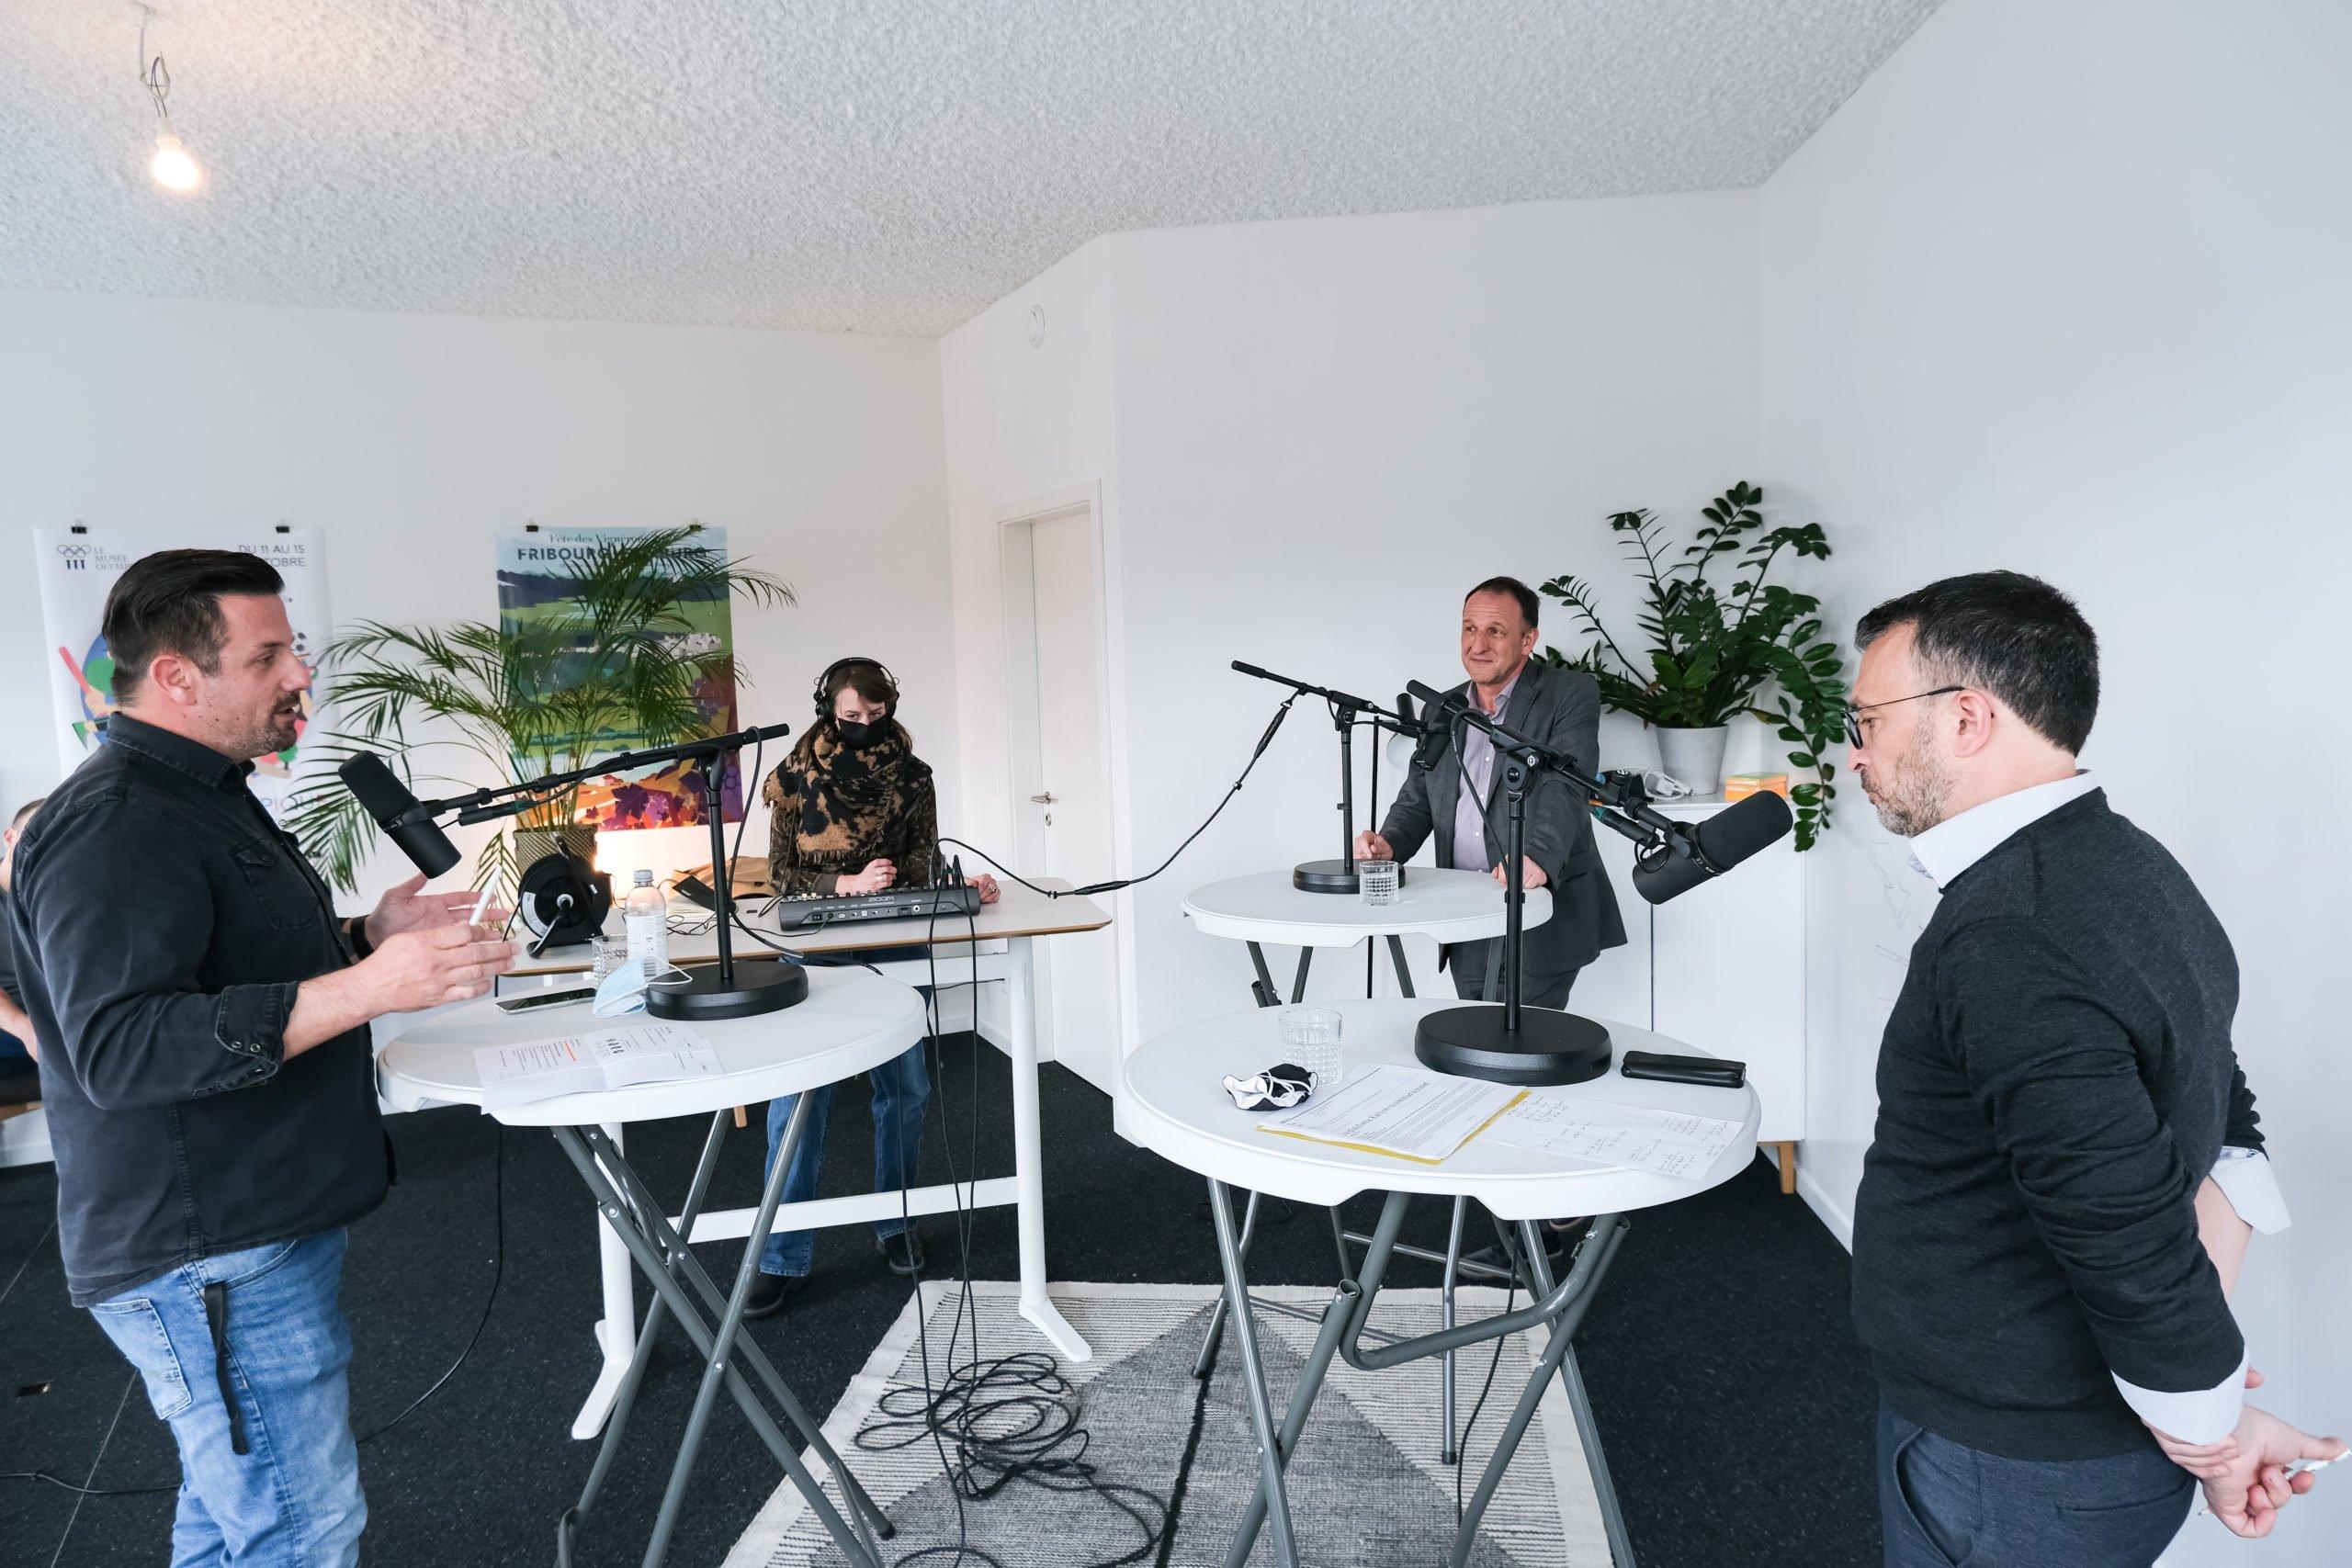 Le modérateur, Stéphane Decorvet, en discussion avec Pierre-Alain Morard et Alain Lunghi